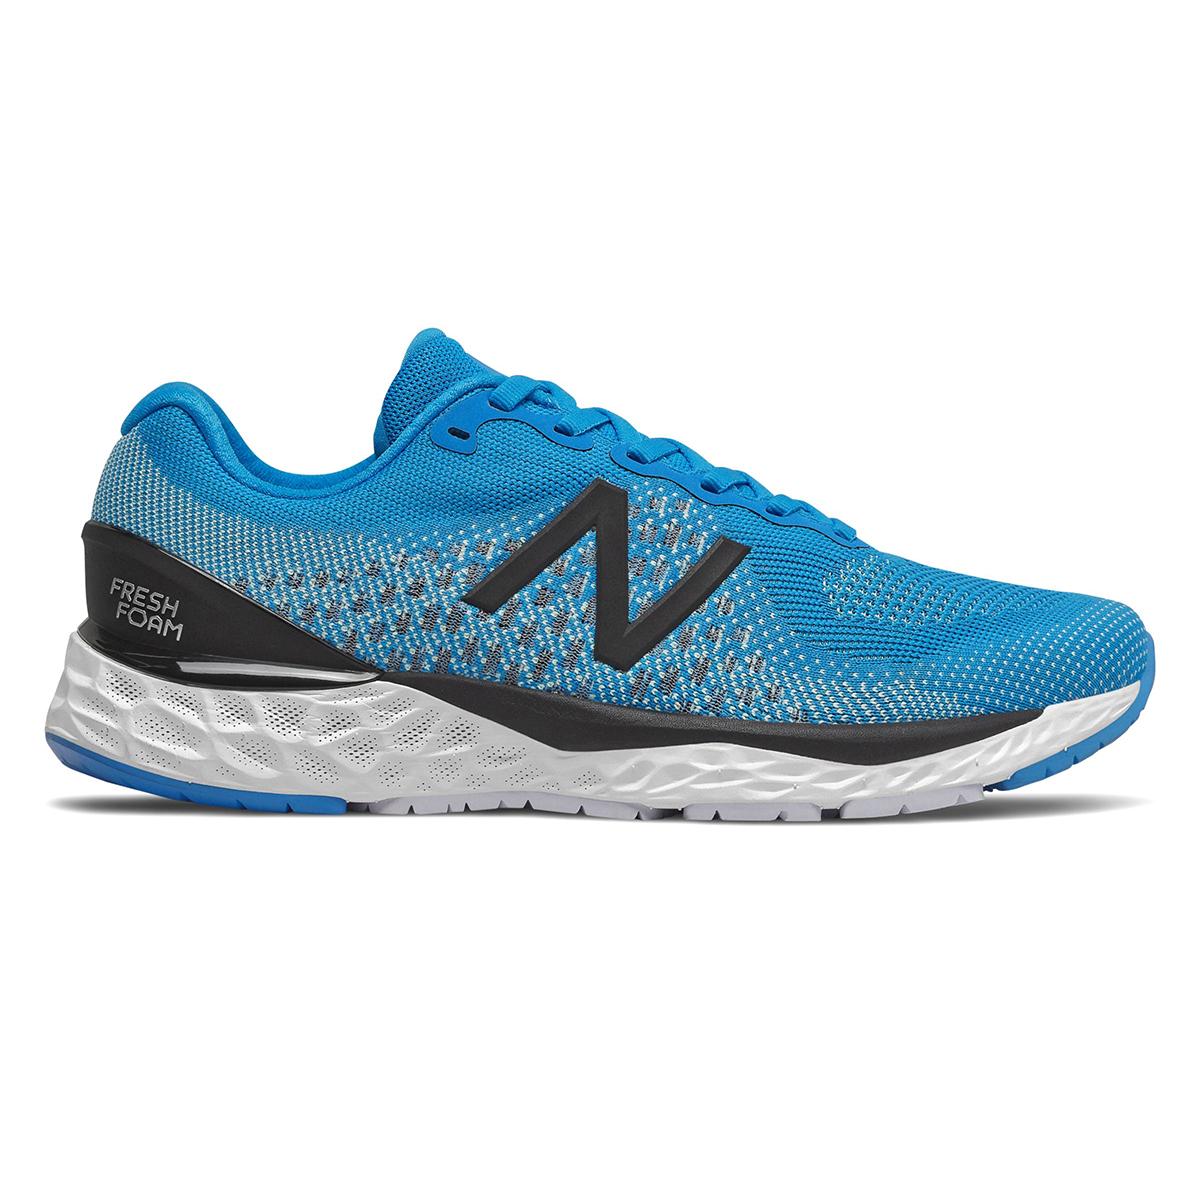 Men's New Balance 880V10 Running Shoe - Color: Vision Blue / Neo Mint (Regular Width) - Size: 8, Vision Blue/Neo Mint, large, image 1